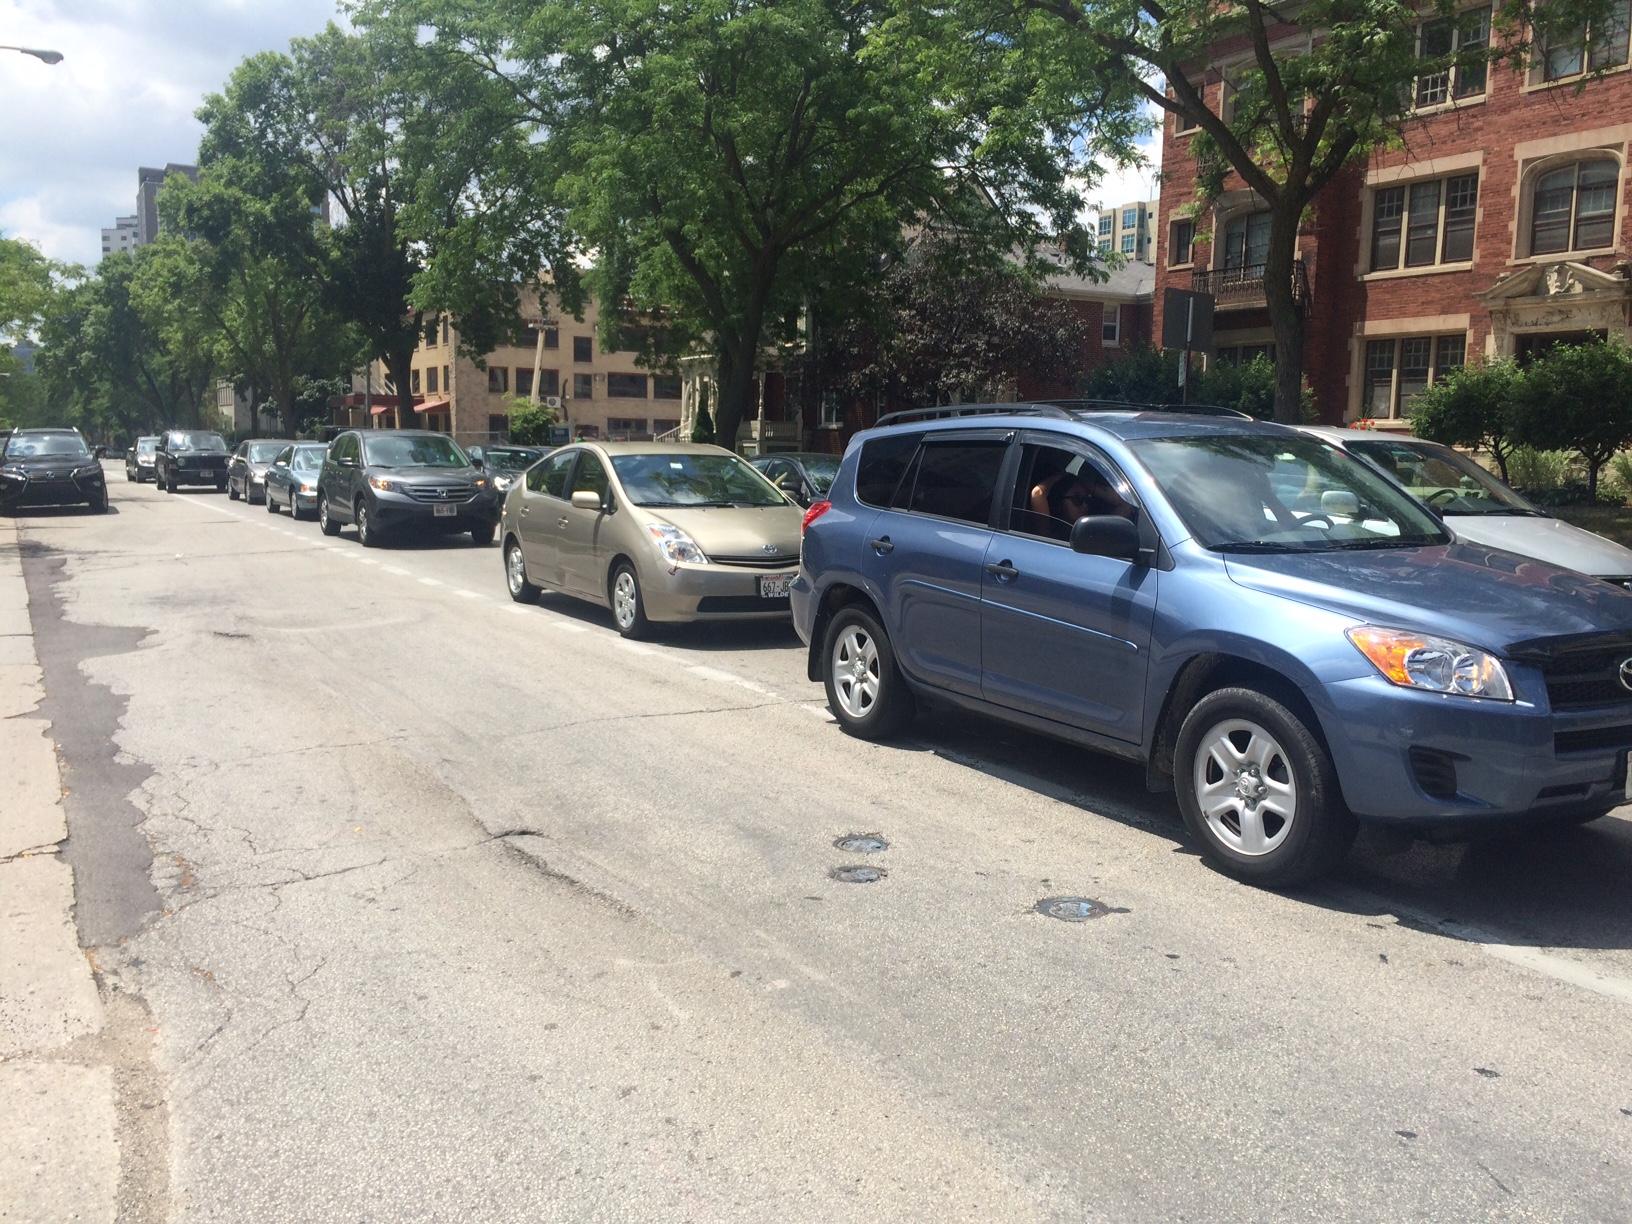 N. Prospect Ave. Traffic Jam